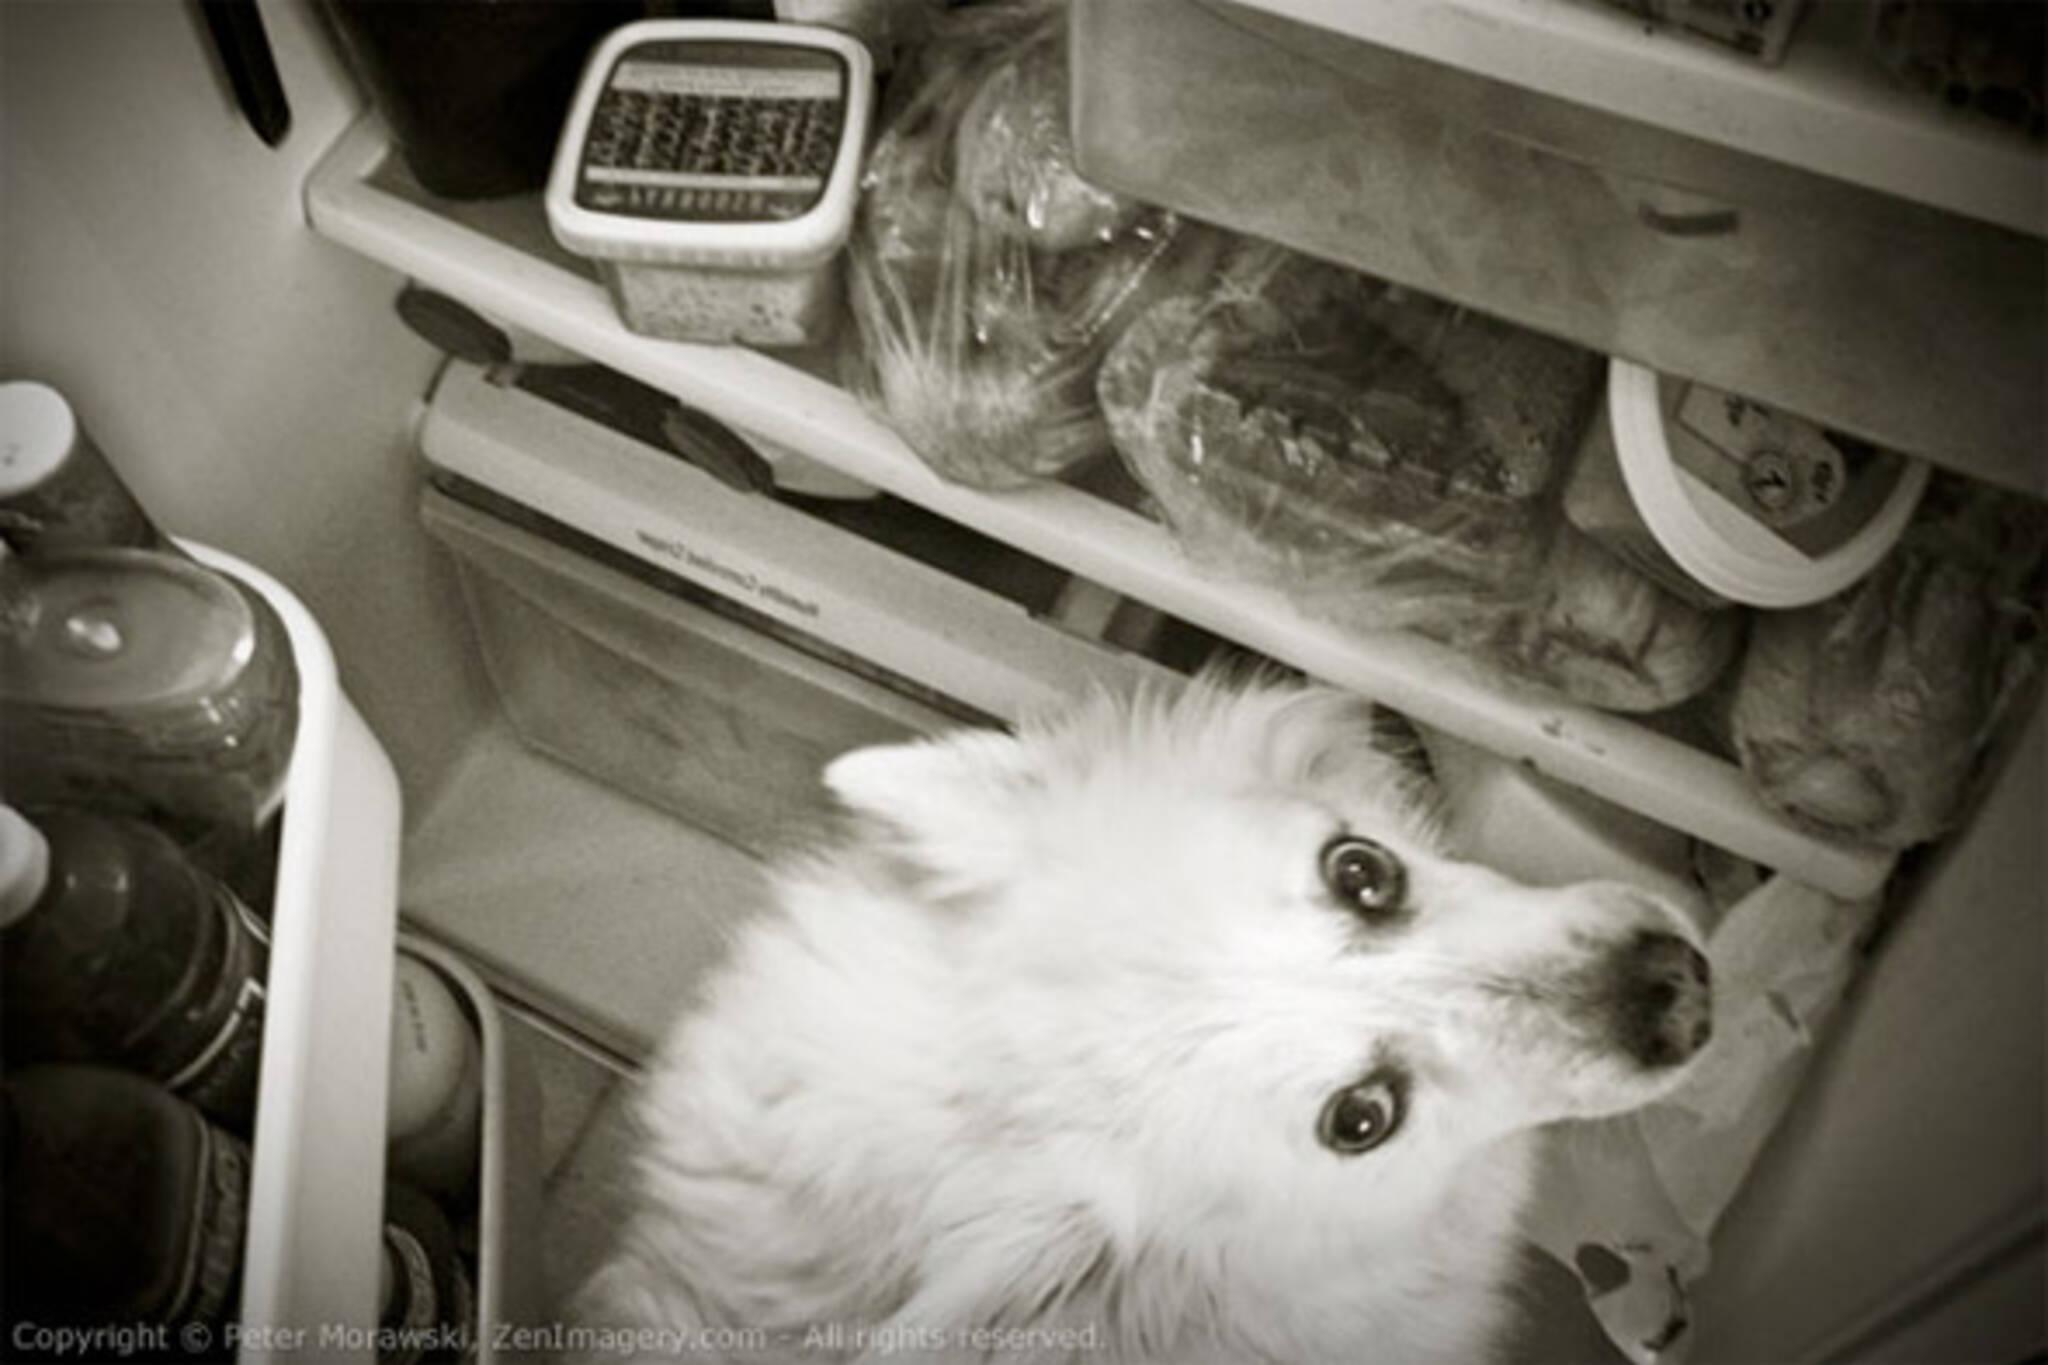 dog in fridge